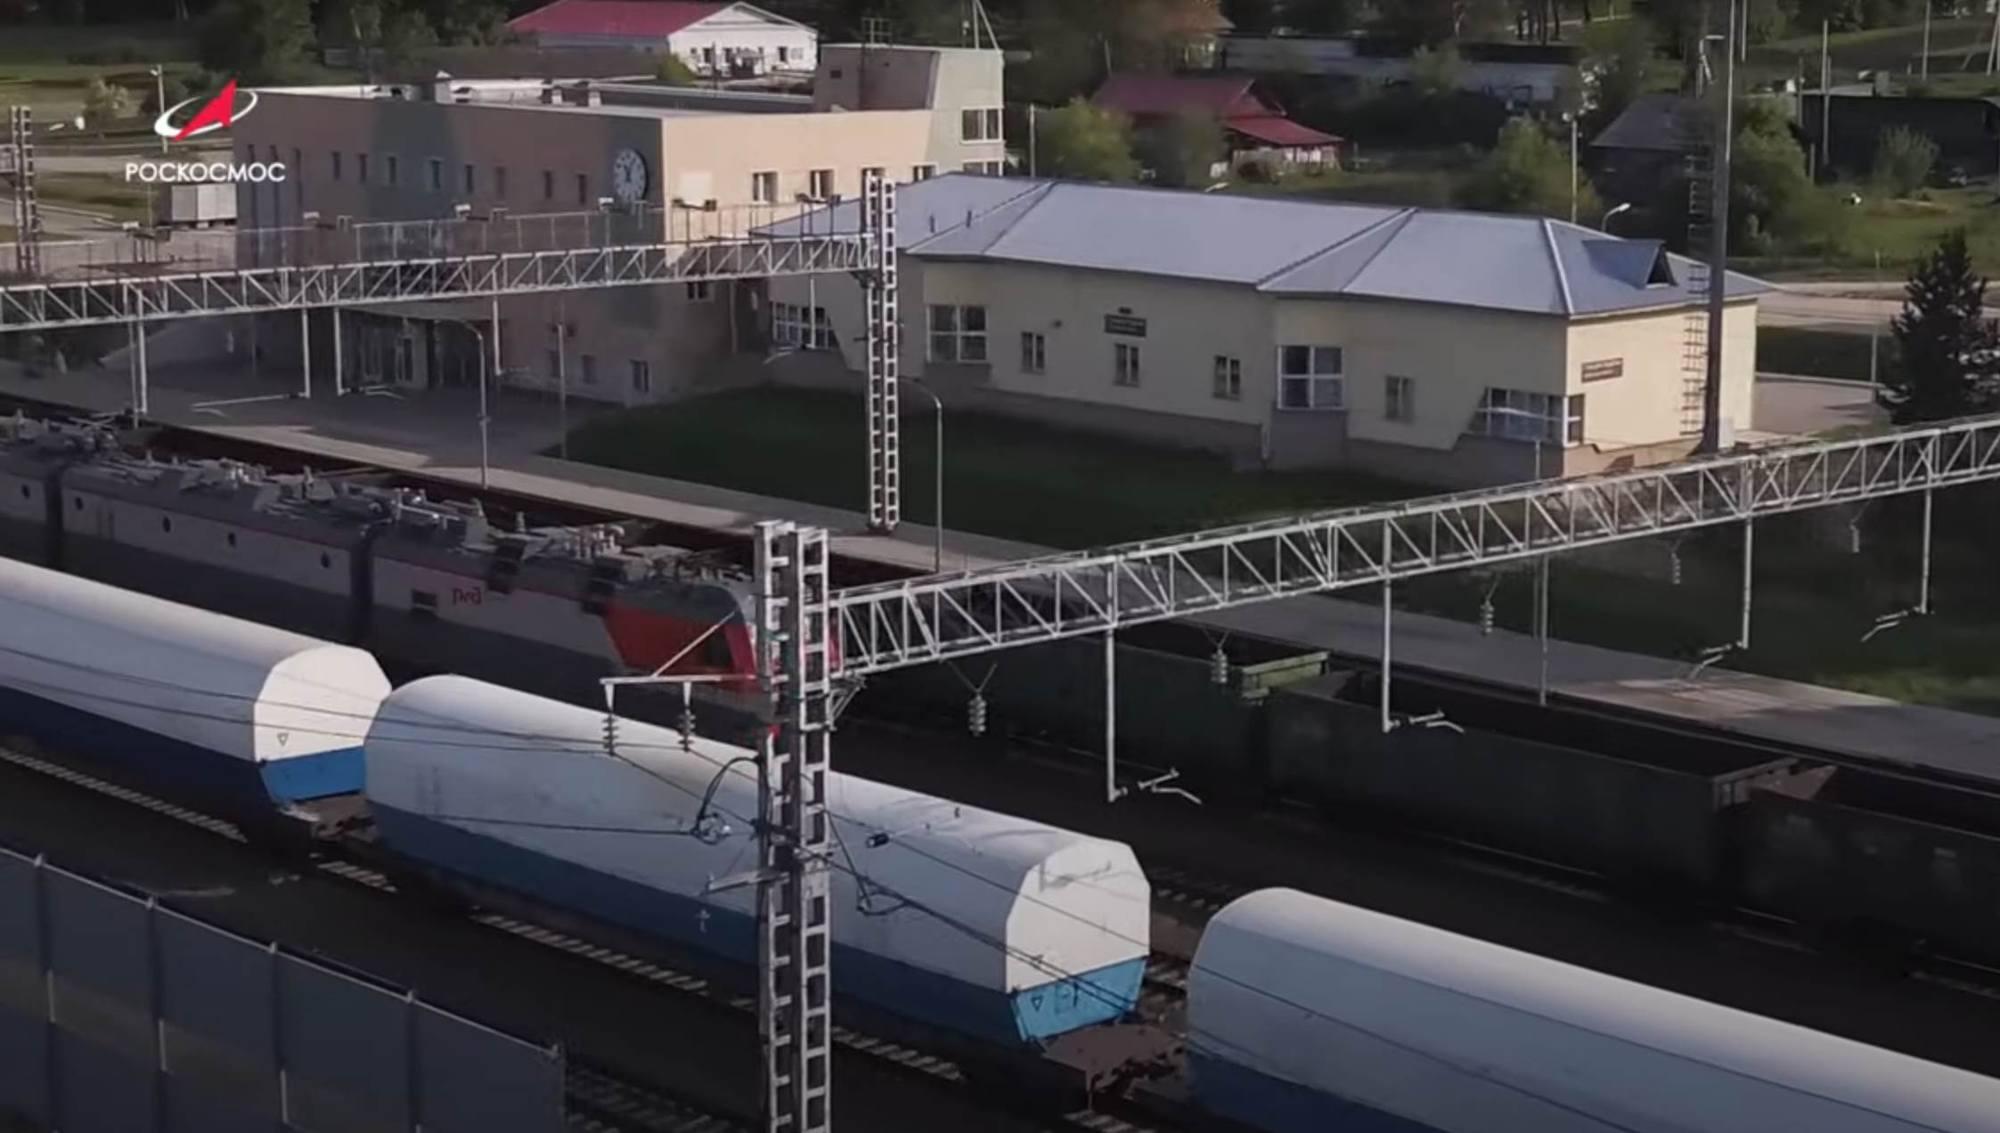 Le convoi est arrété en gare. On voit ici le bâtiment d ela station ferroviaire Ledyanaya.